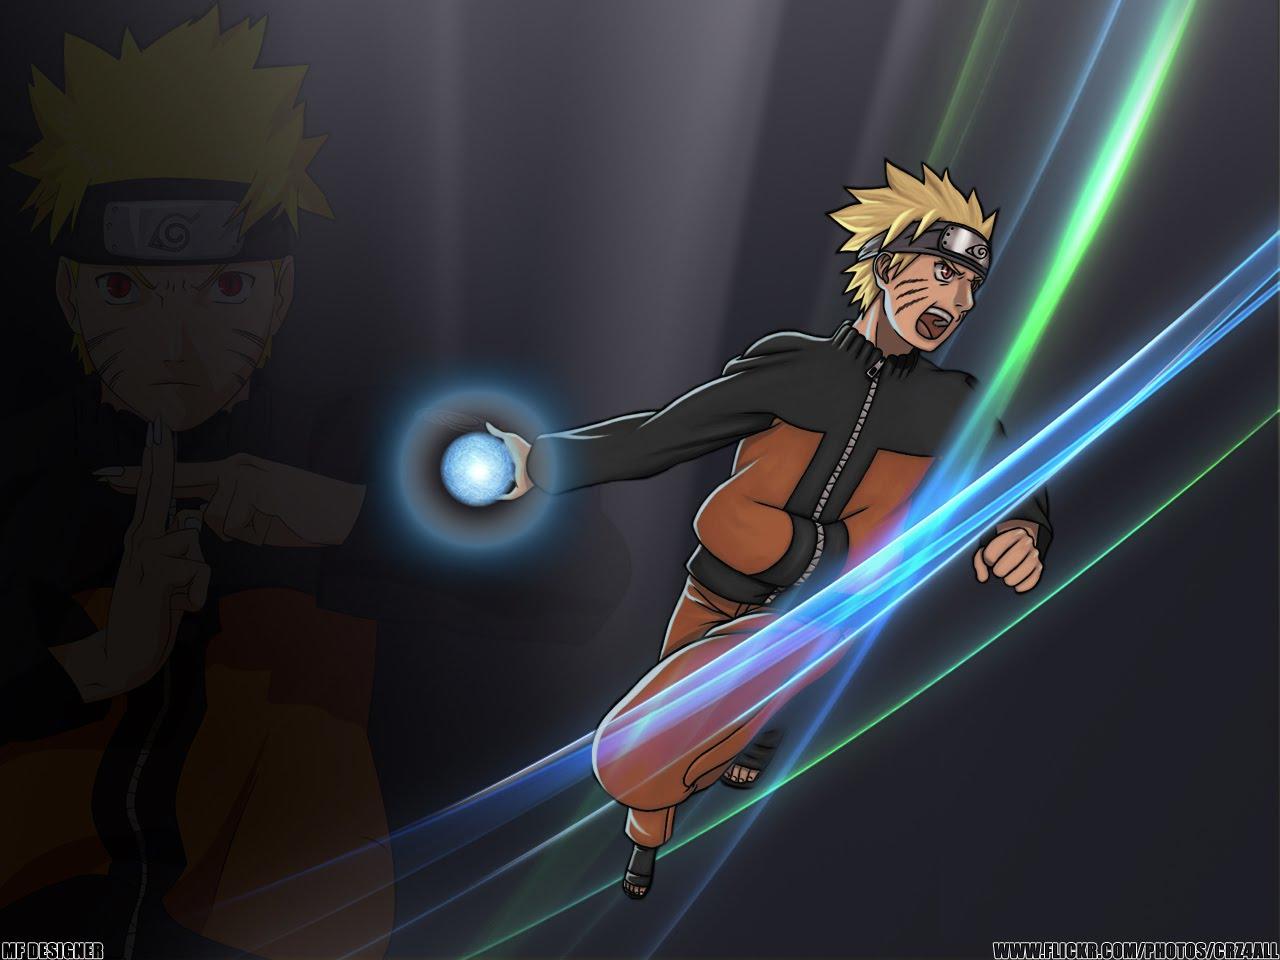 Naruto Rasengan Wallpaper - WallpaperSafari